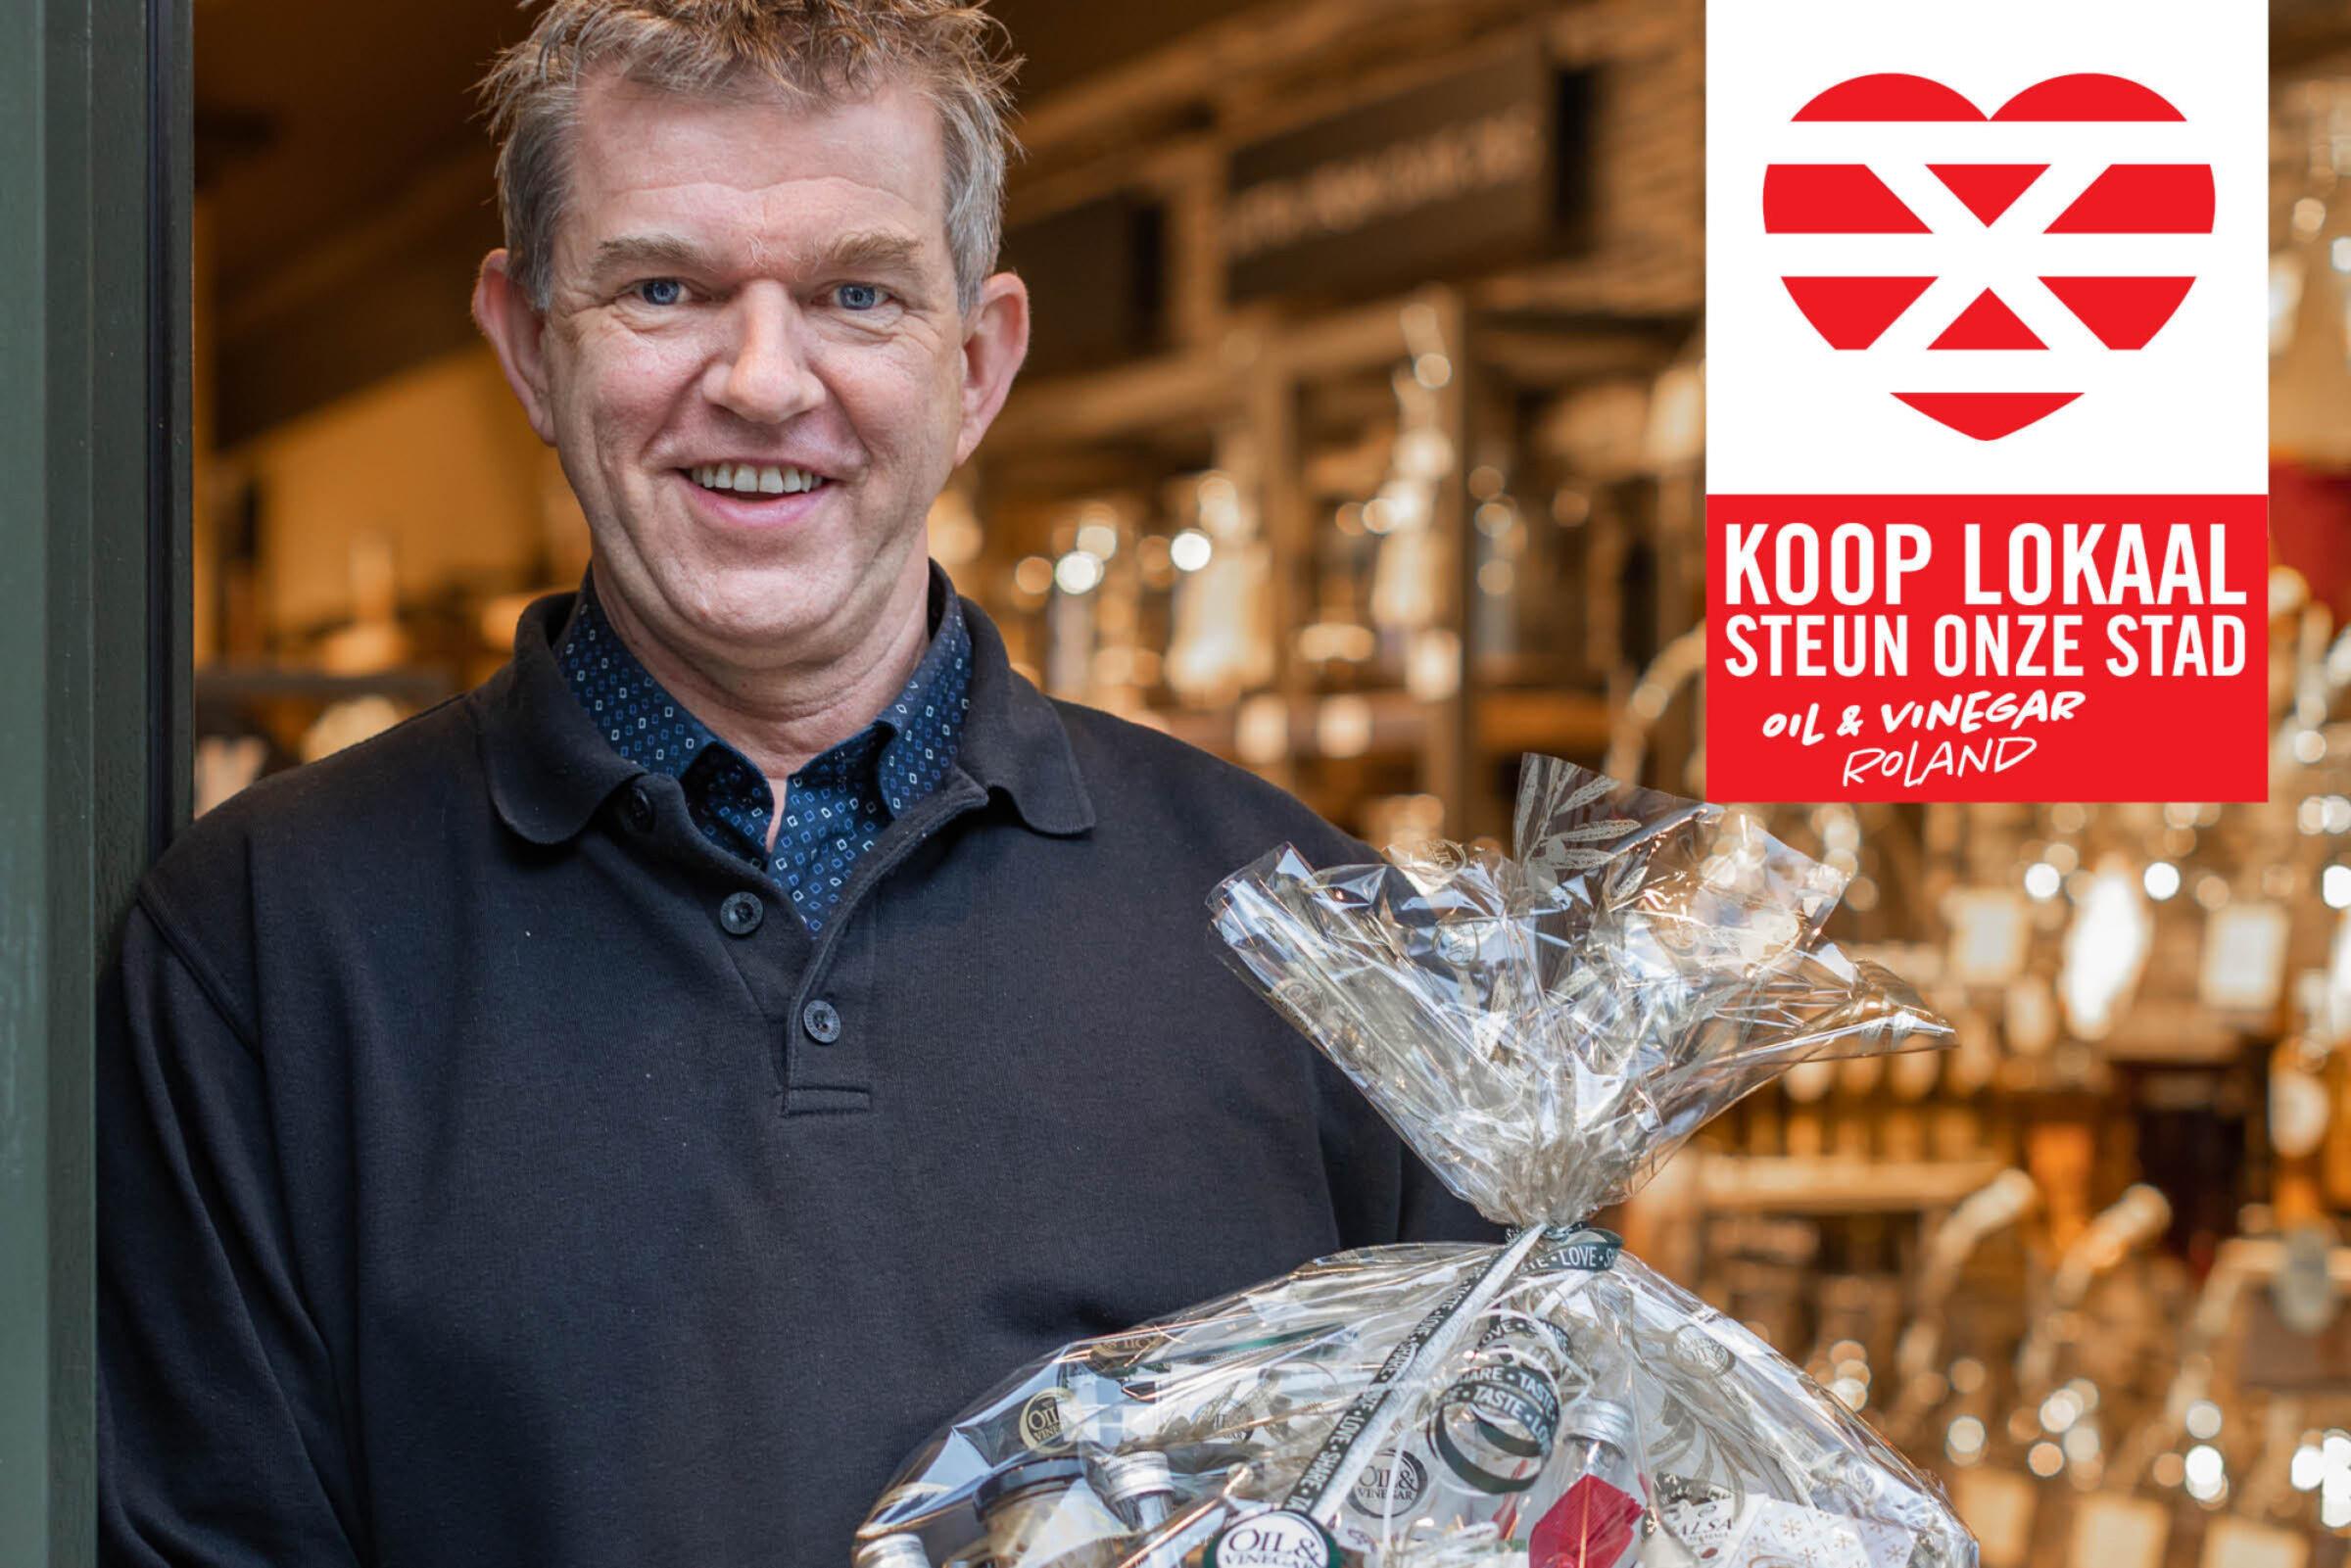 Steun onze stad Koop lokaal Enschede Oil Vinegar Roland